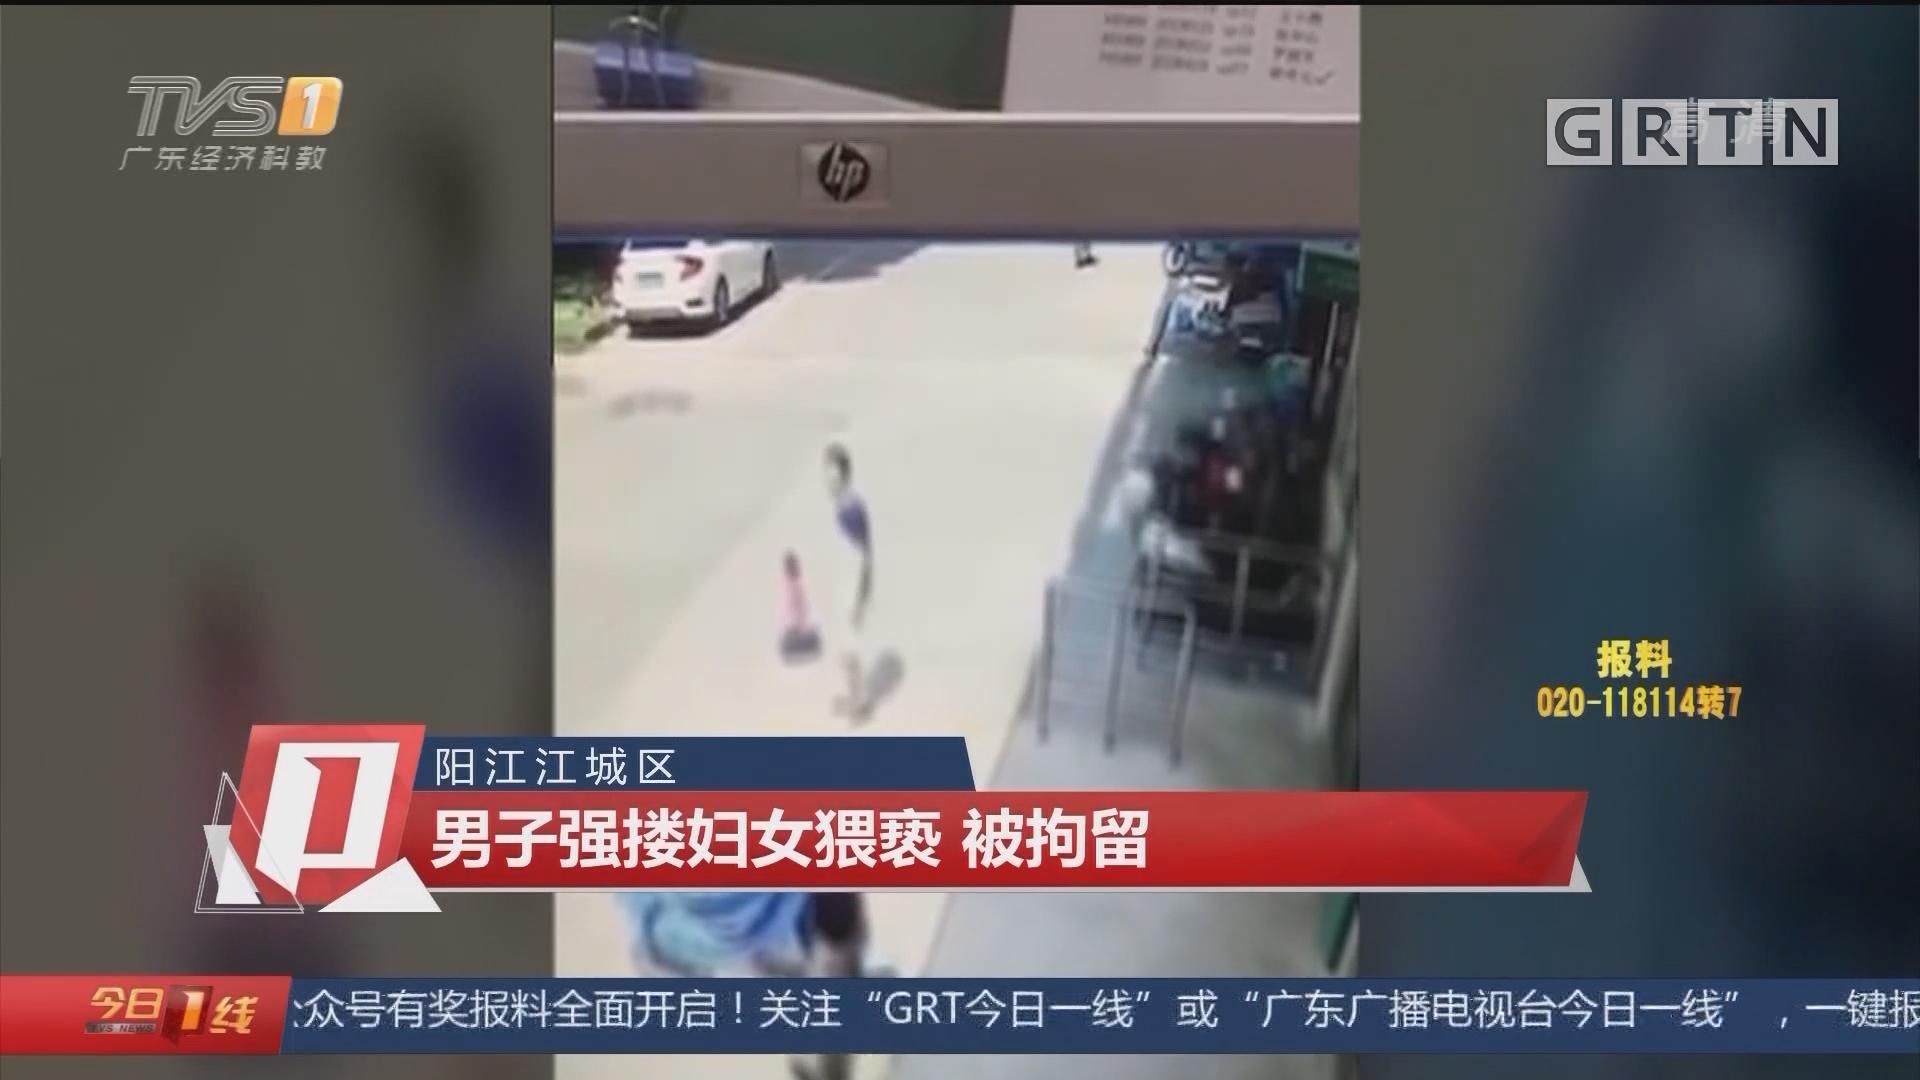 陽江江城區:男子強摟婦女猥褻 被拘留